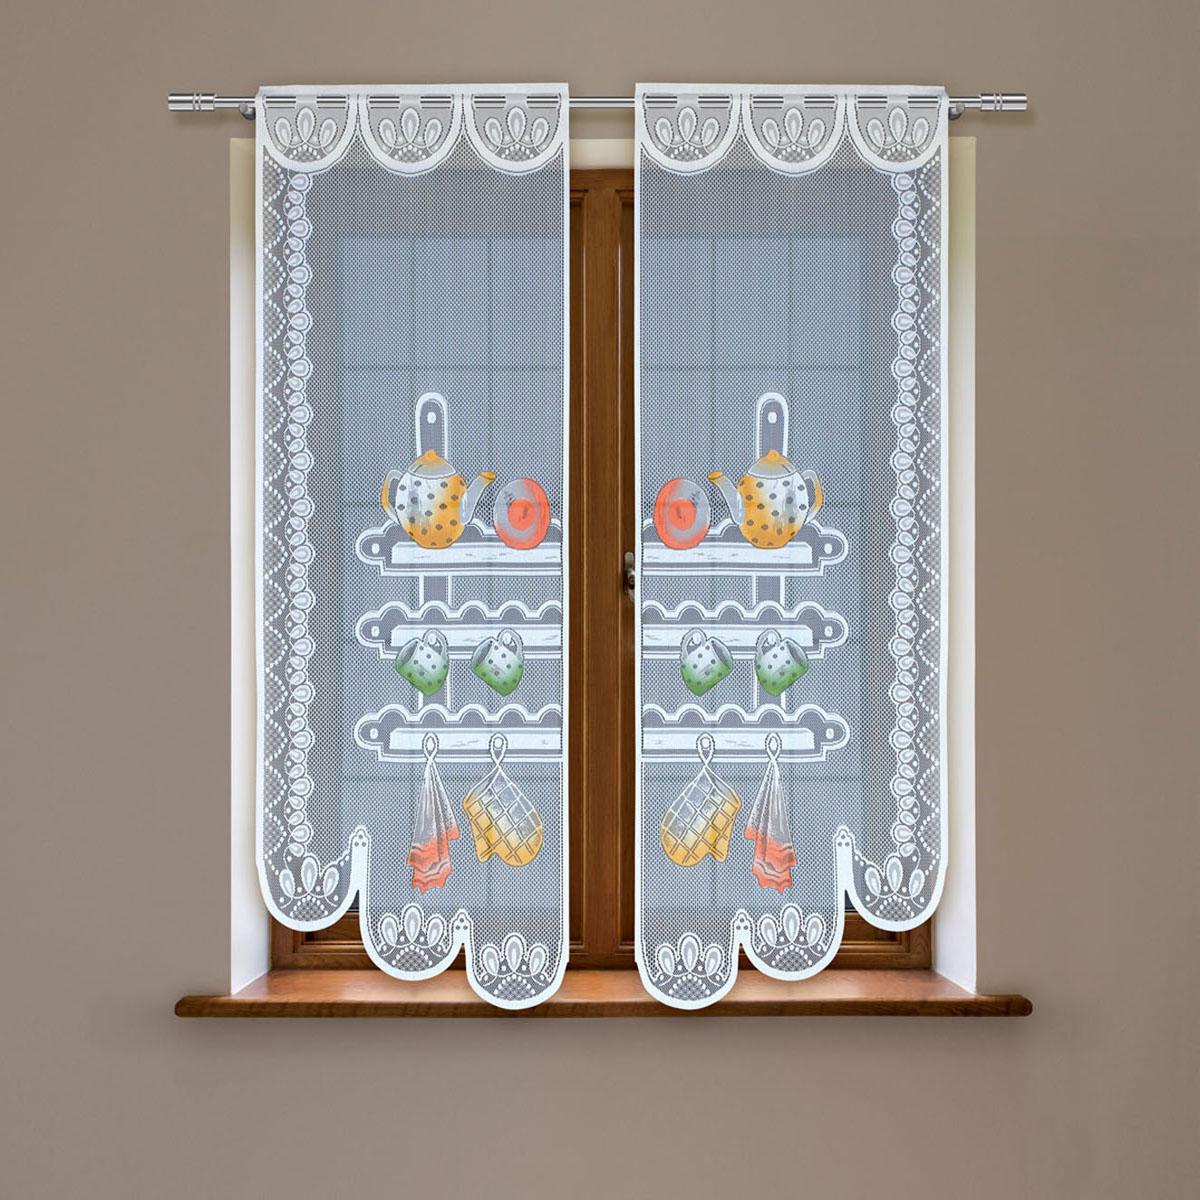 Гардина Haft, цвет: белый, высота 220 см. 8603Е/608603Е/60Гардина имеет в верхней части полотна прорези, через которые гардина-витраж вывешивается на карниз или можно крепить на зажим для штор,котрый в комплект не входит.Комплект состоит из двух полотен (выс.220* шир.60) Размеры: (высота 220* ширина 60)*2